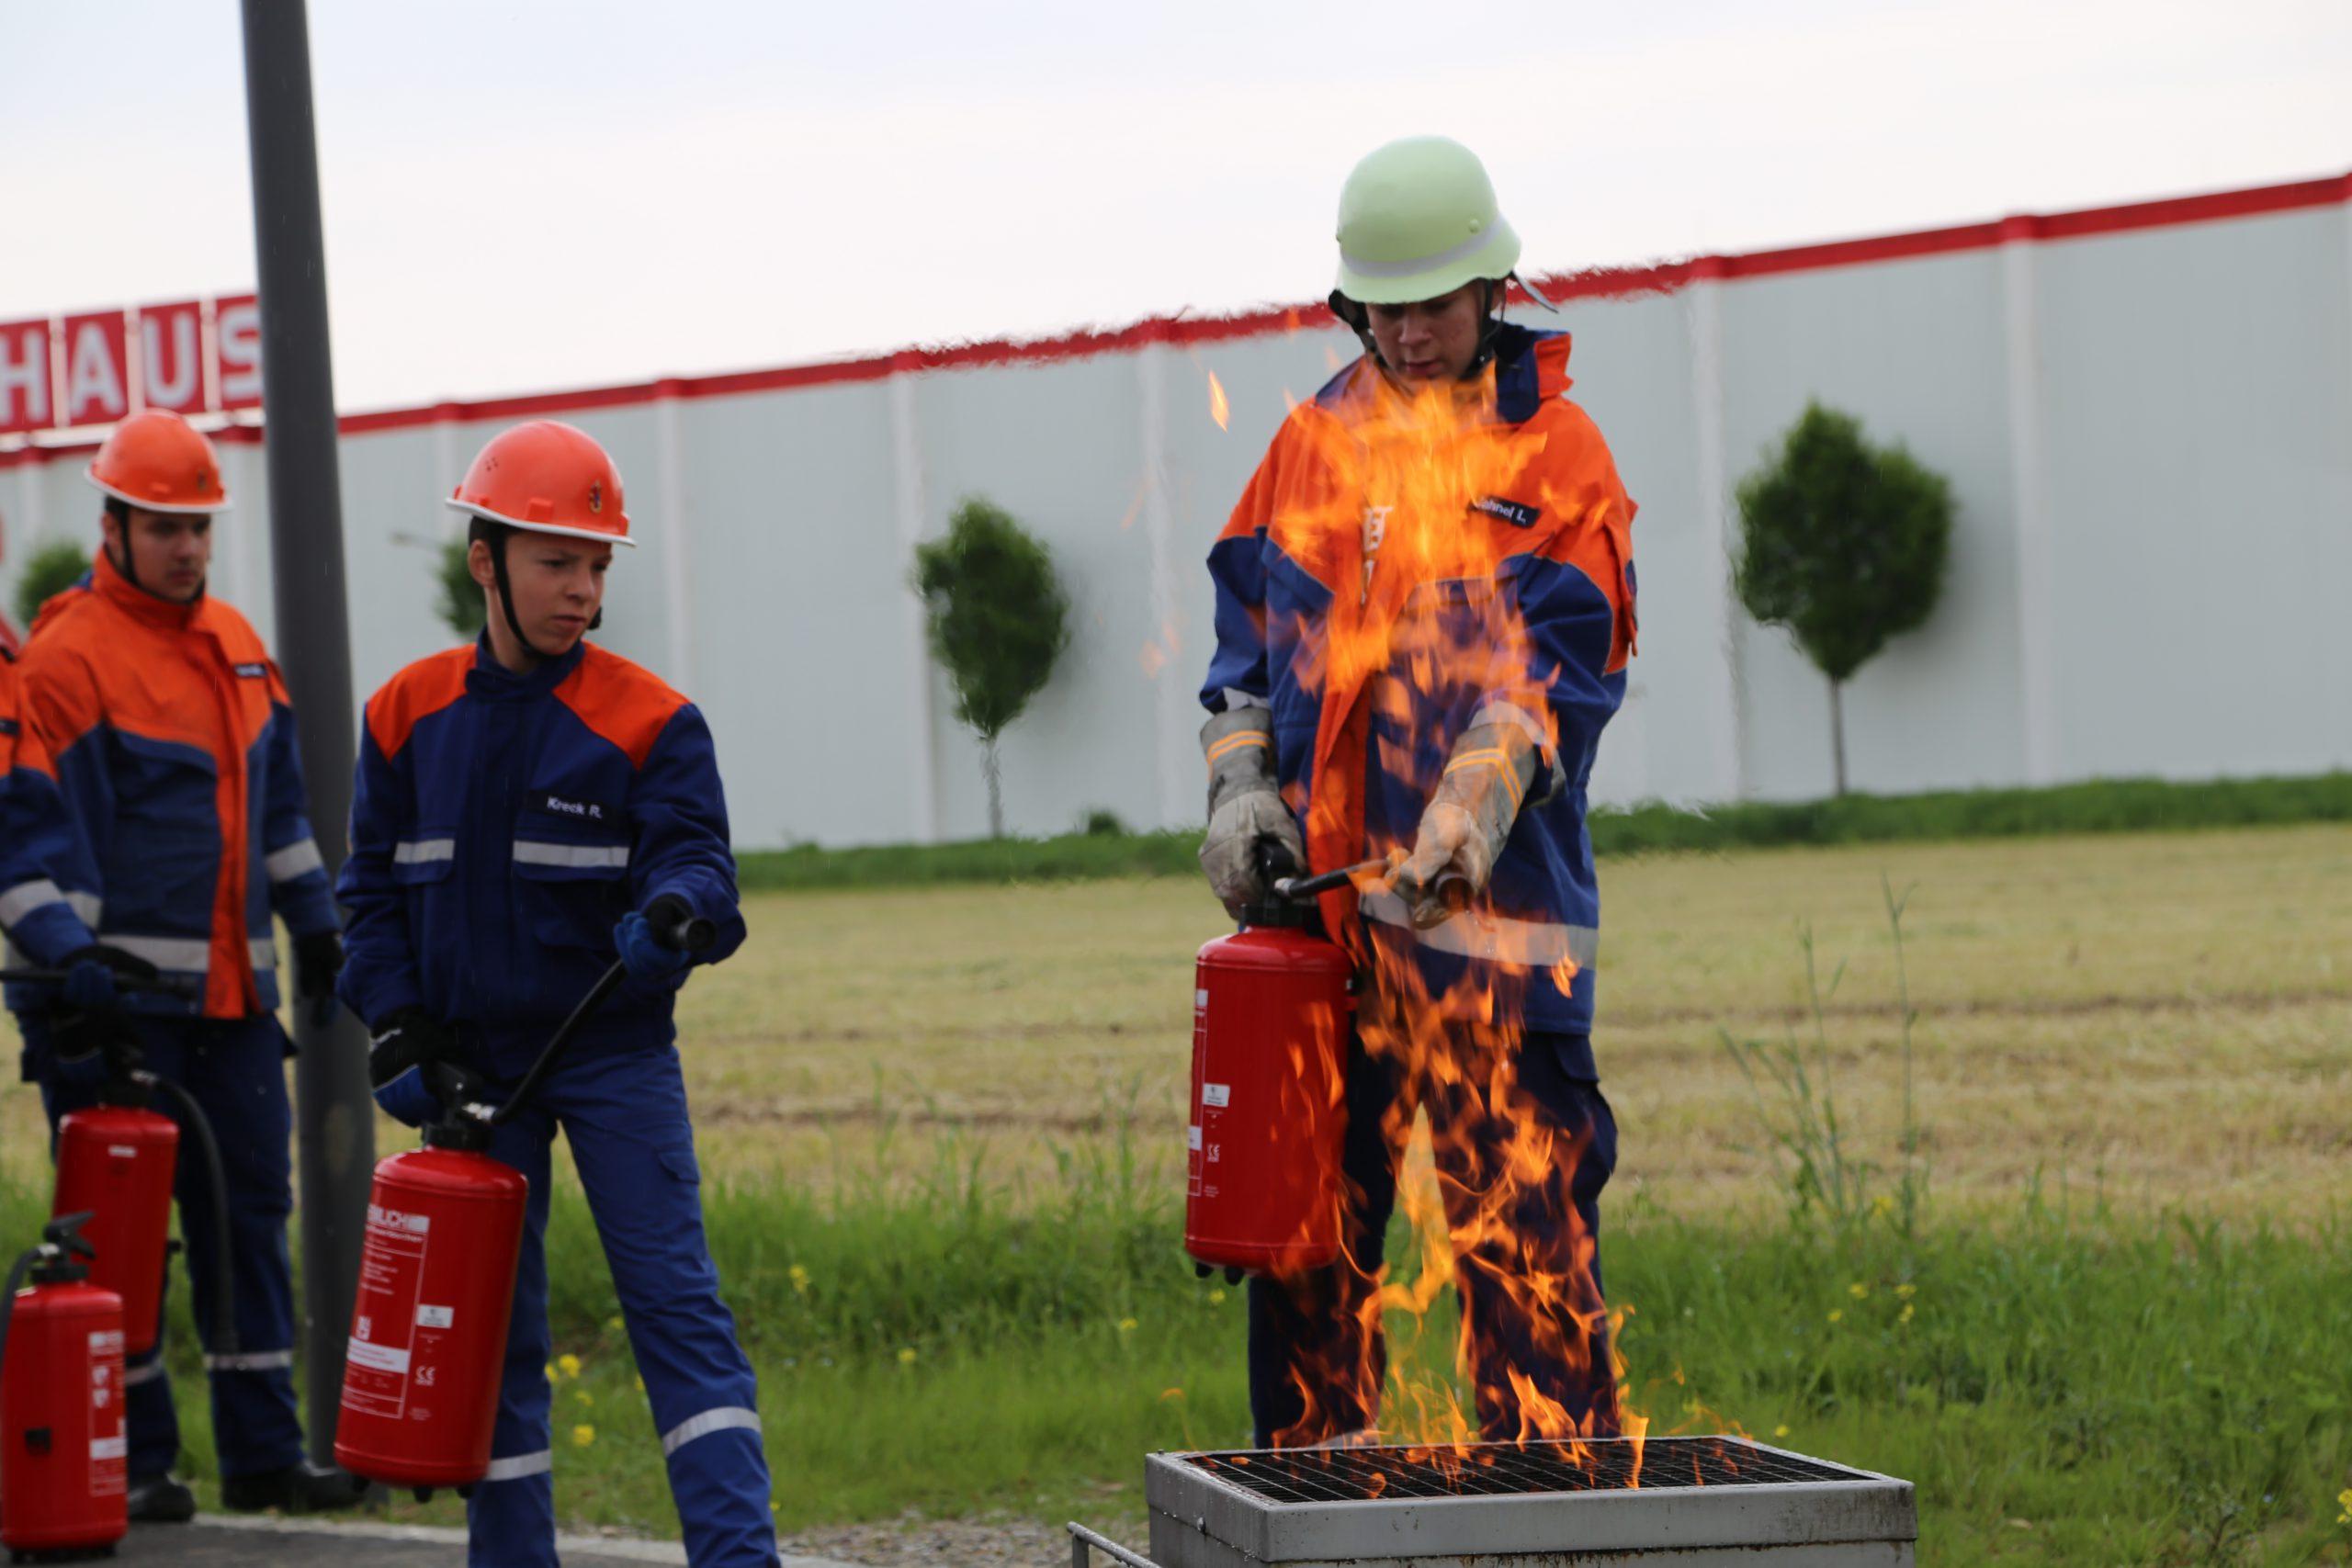 24h Übung 10 - Feuerlöscher Übung am FireTrainer